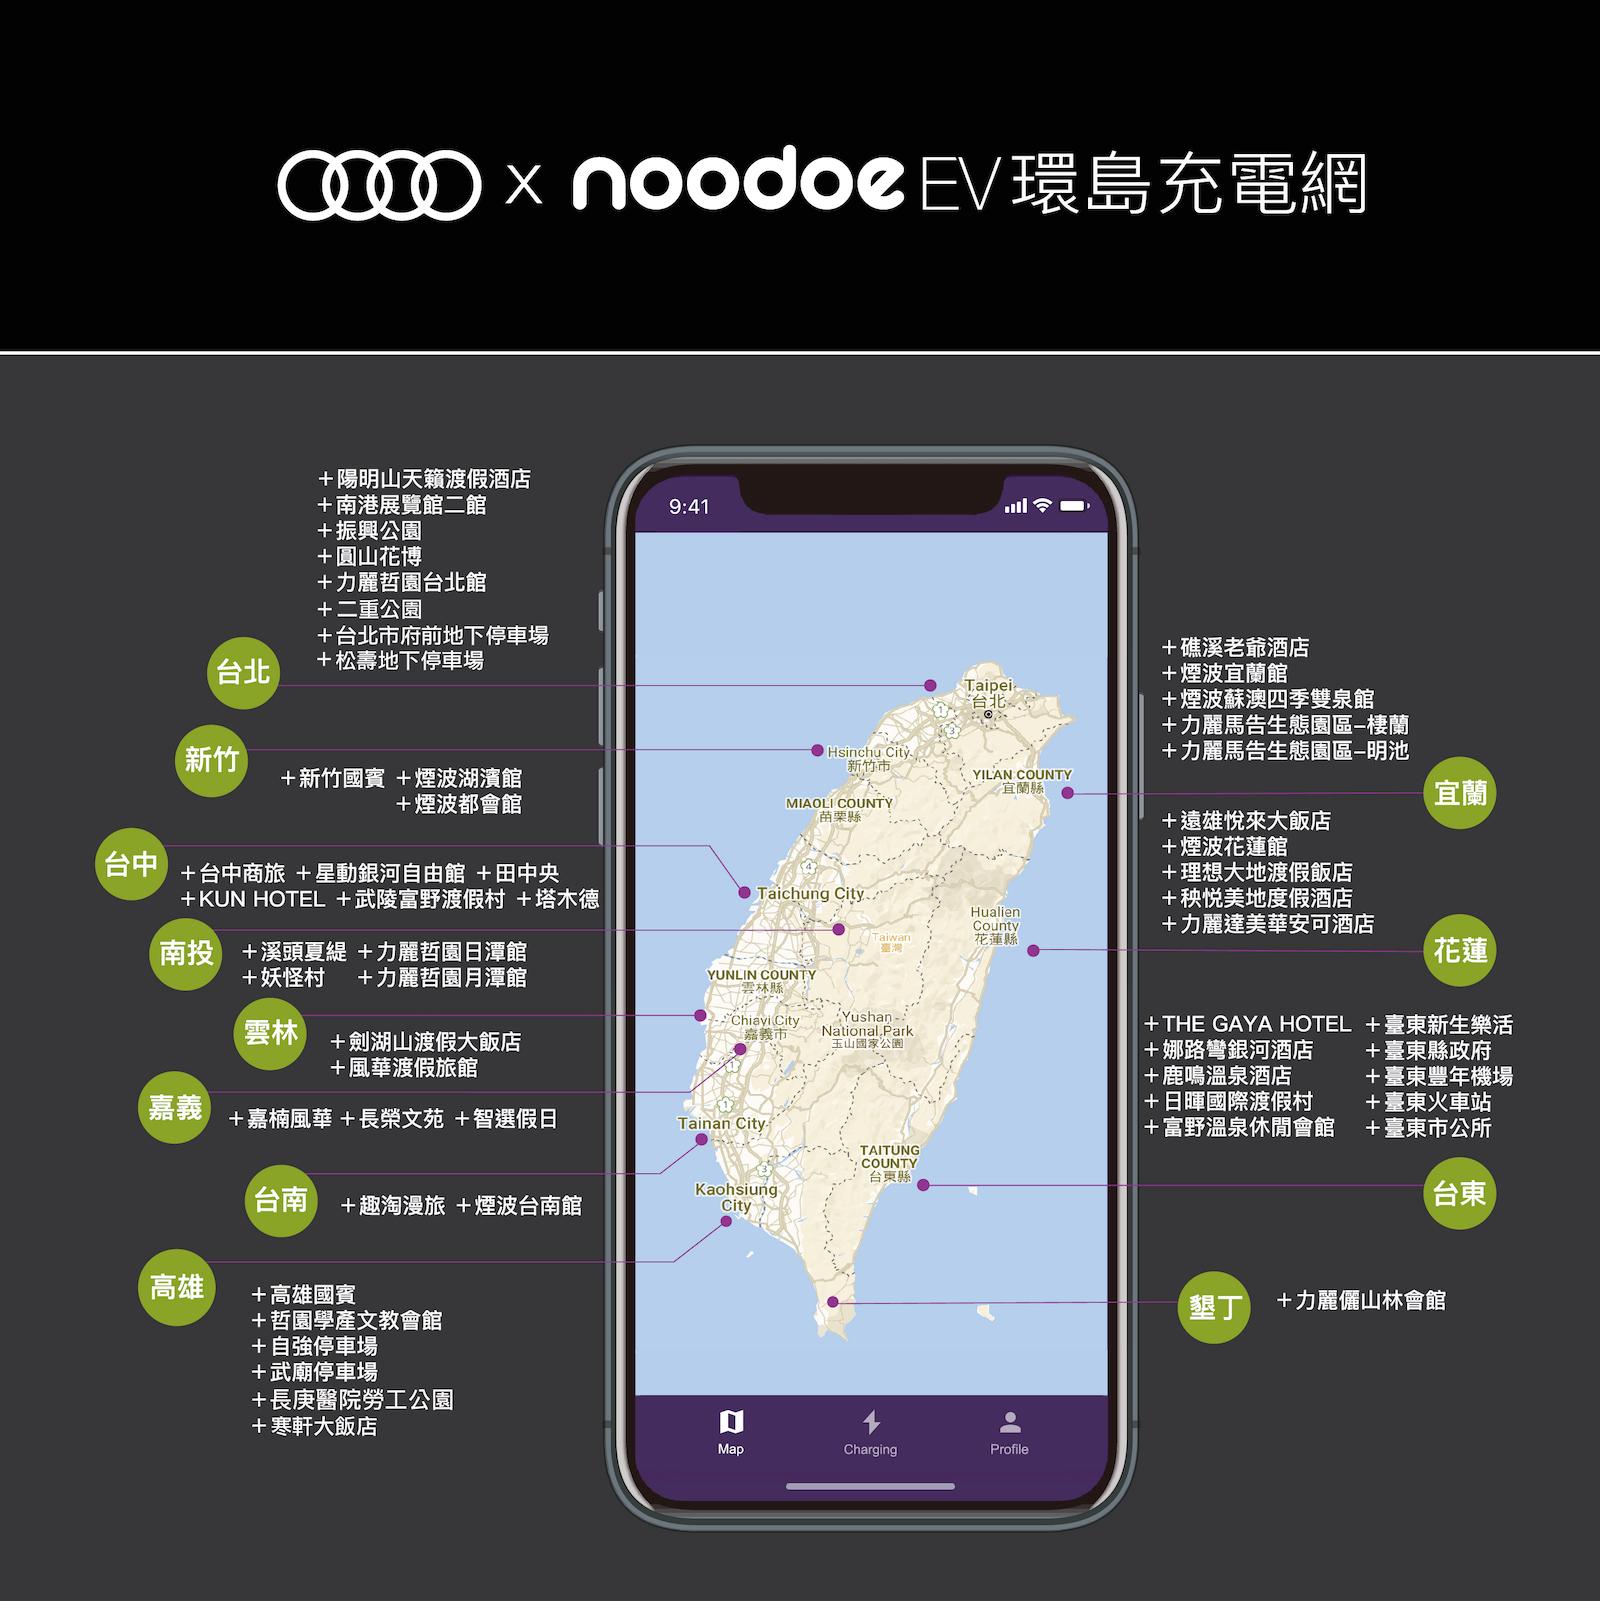 Audi X Noodoe EV Network。